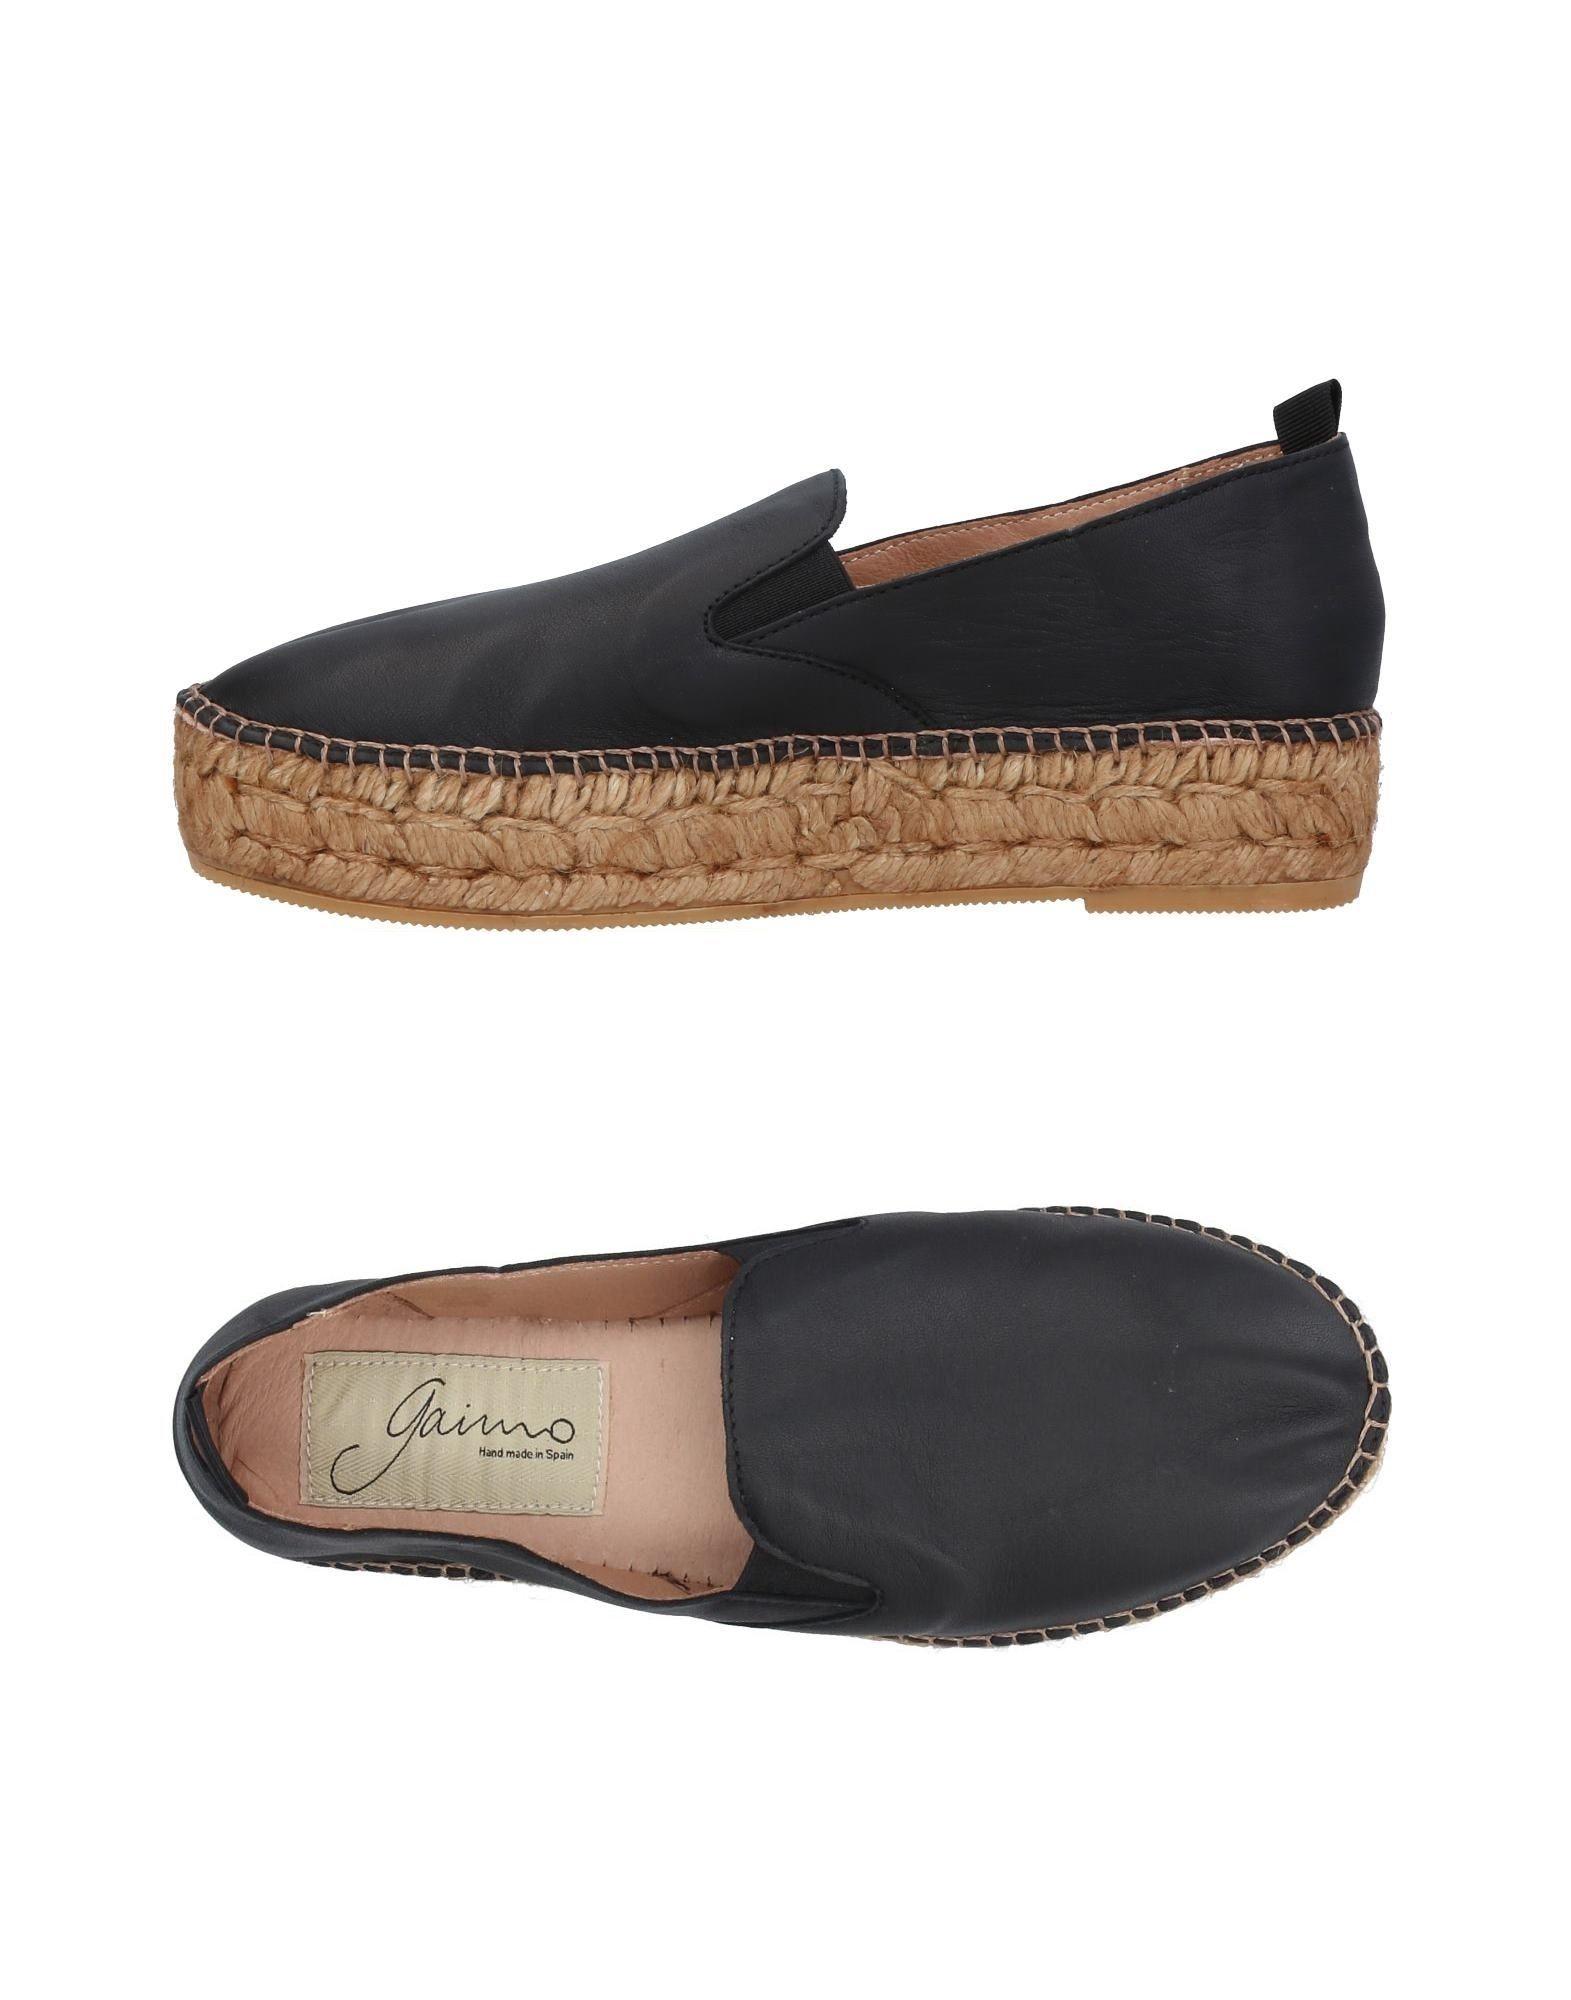 Gaimo Espadrilles Damen  11384569KD Gute Qualität beliebte Schuhe